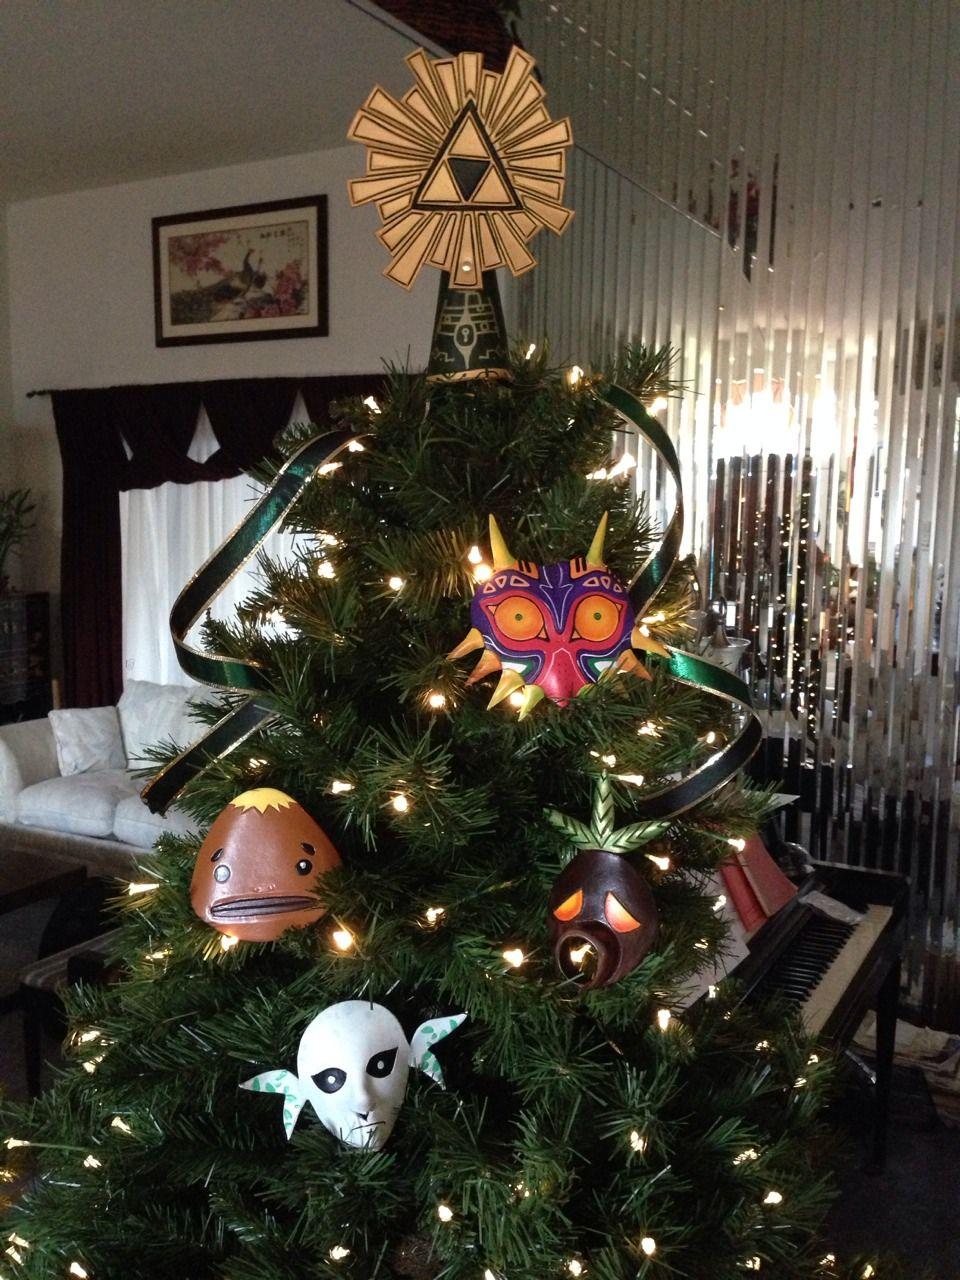 Zelda Christmas Tree One Of My Favorite Games Majoras Mask Nerdy Christmas Tree Nerdy Christmas Geek Christmas